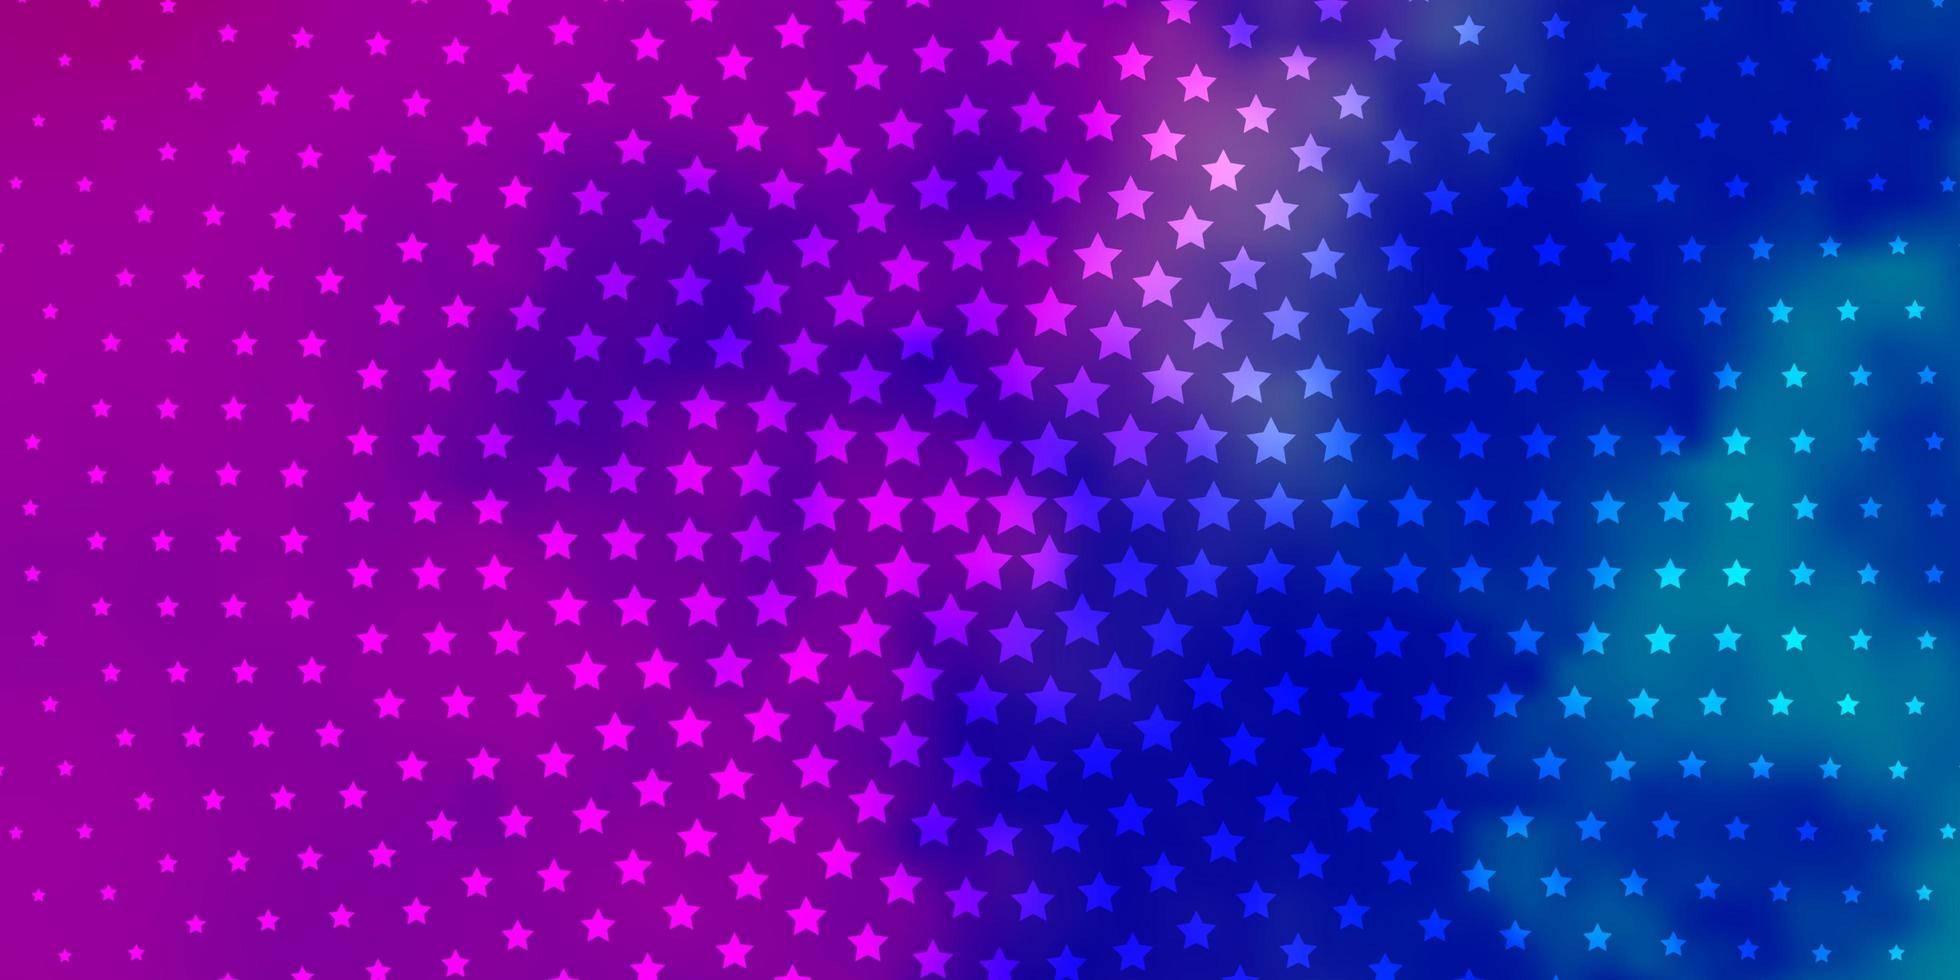 lichtroze, blauw vectormalplaatje met neonsterren. vector